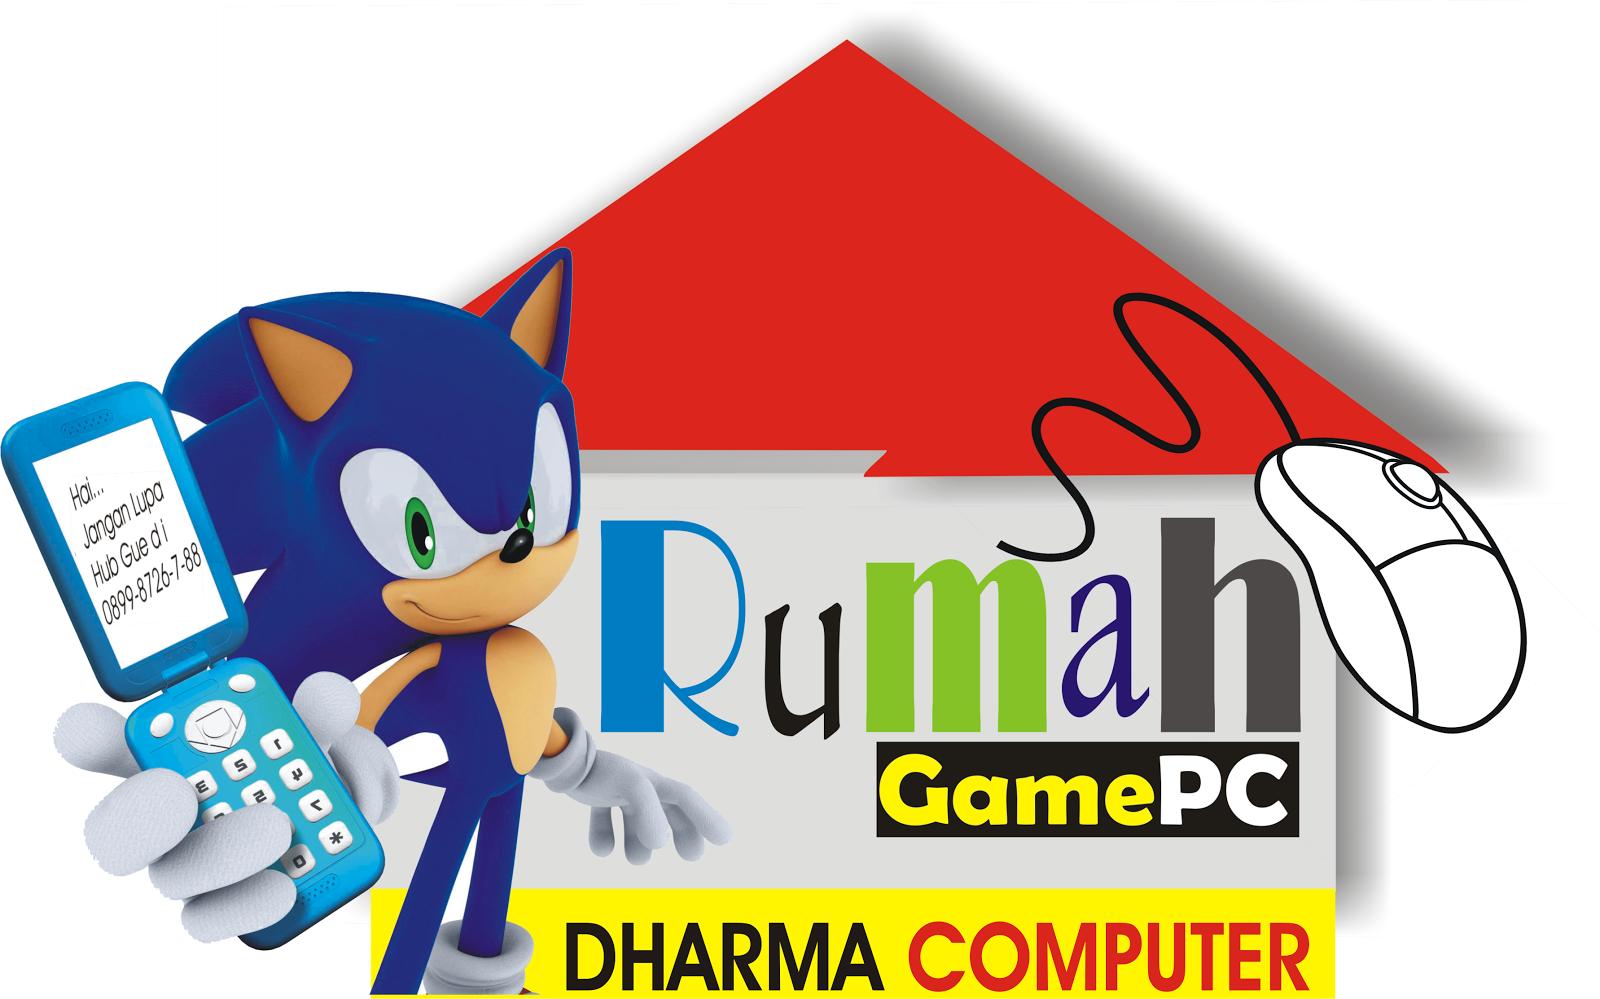 DHARMA COMPUTER